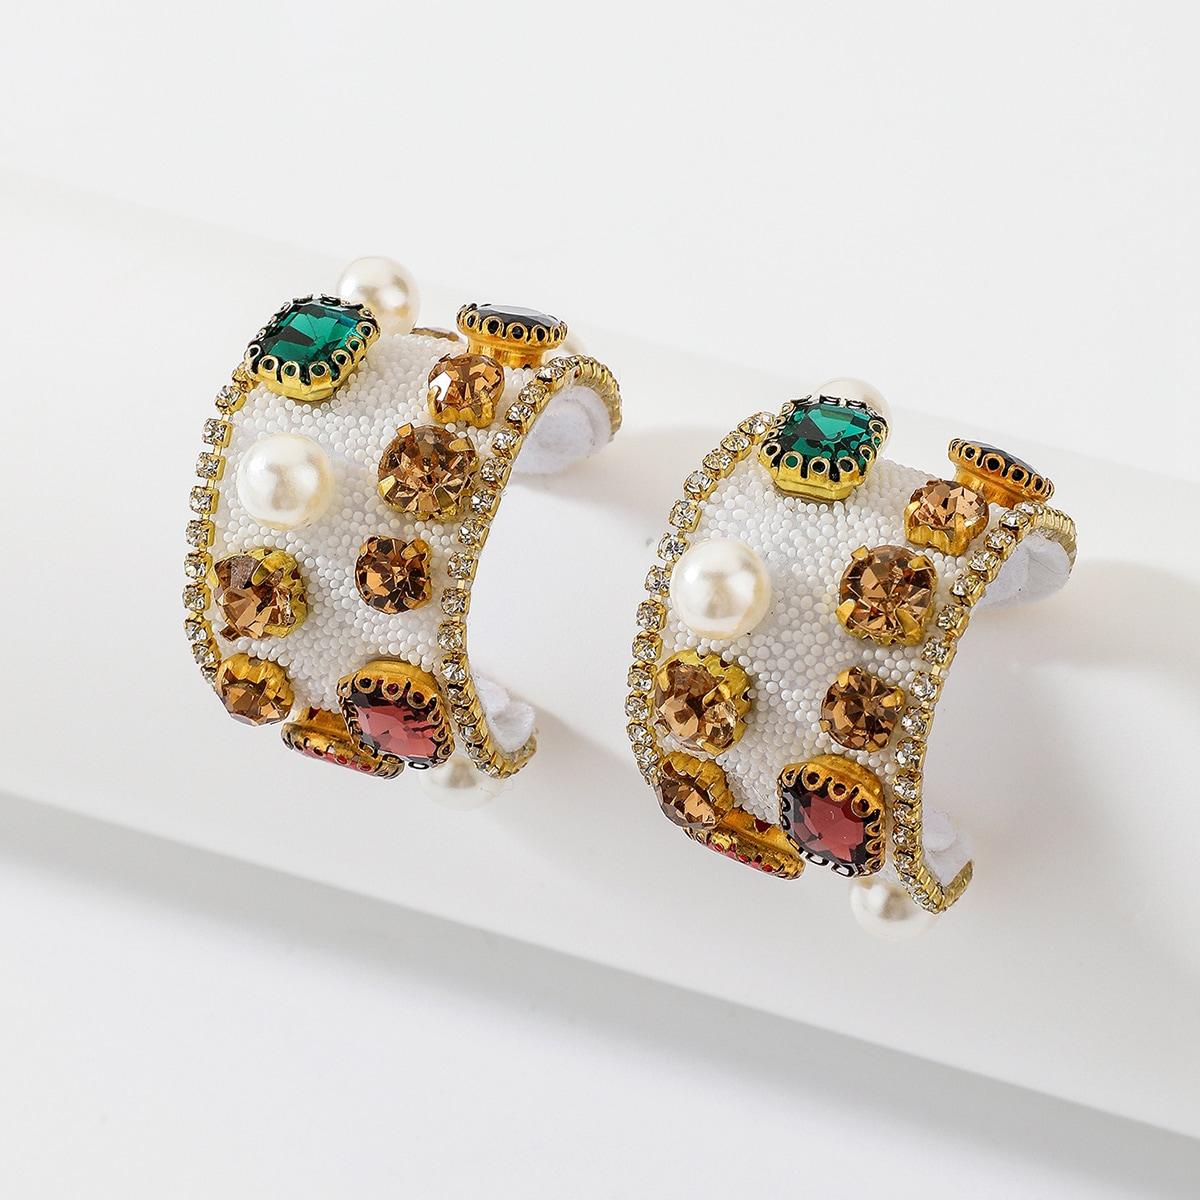 Rhinestone & Faux Pearl Decor Hoop Earrings